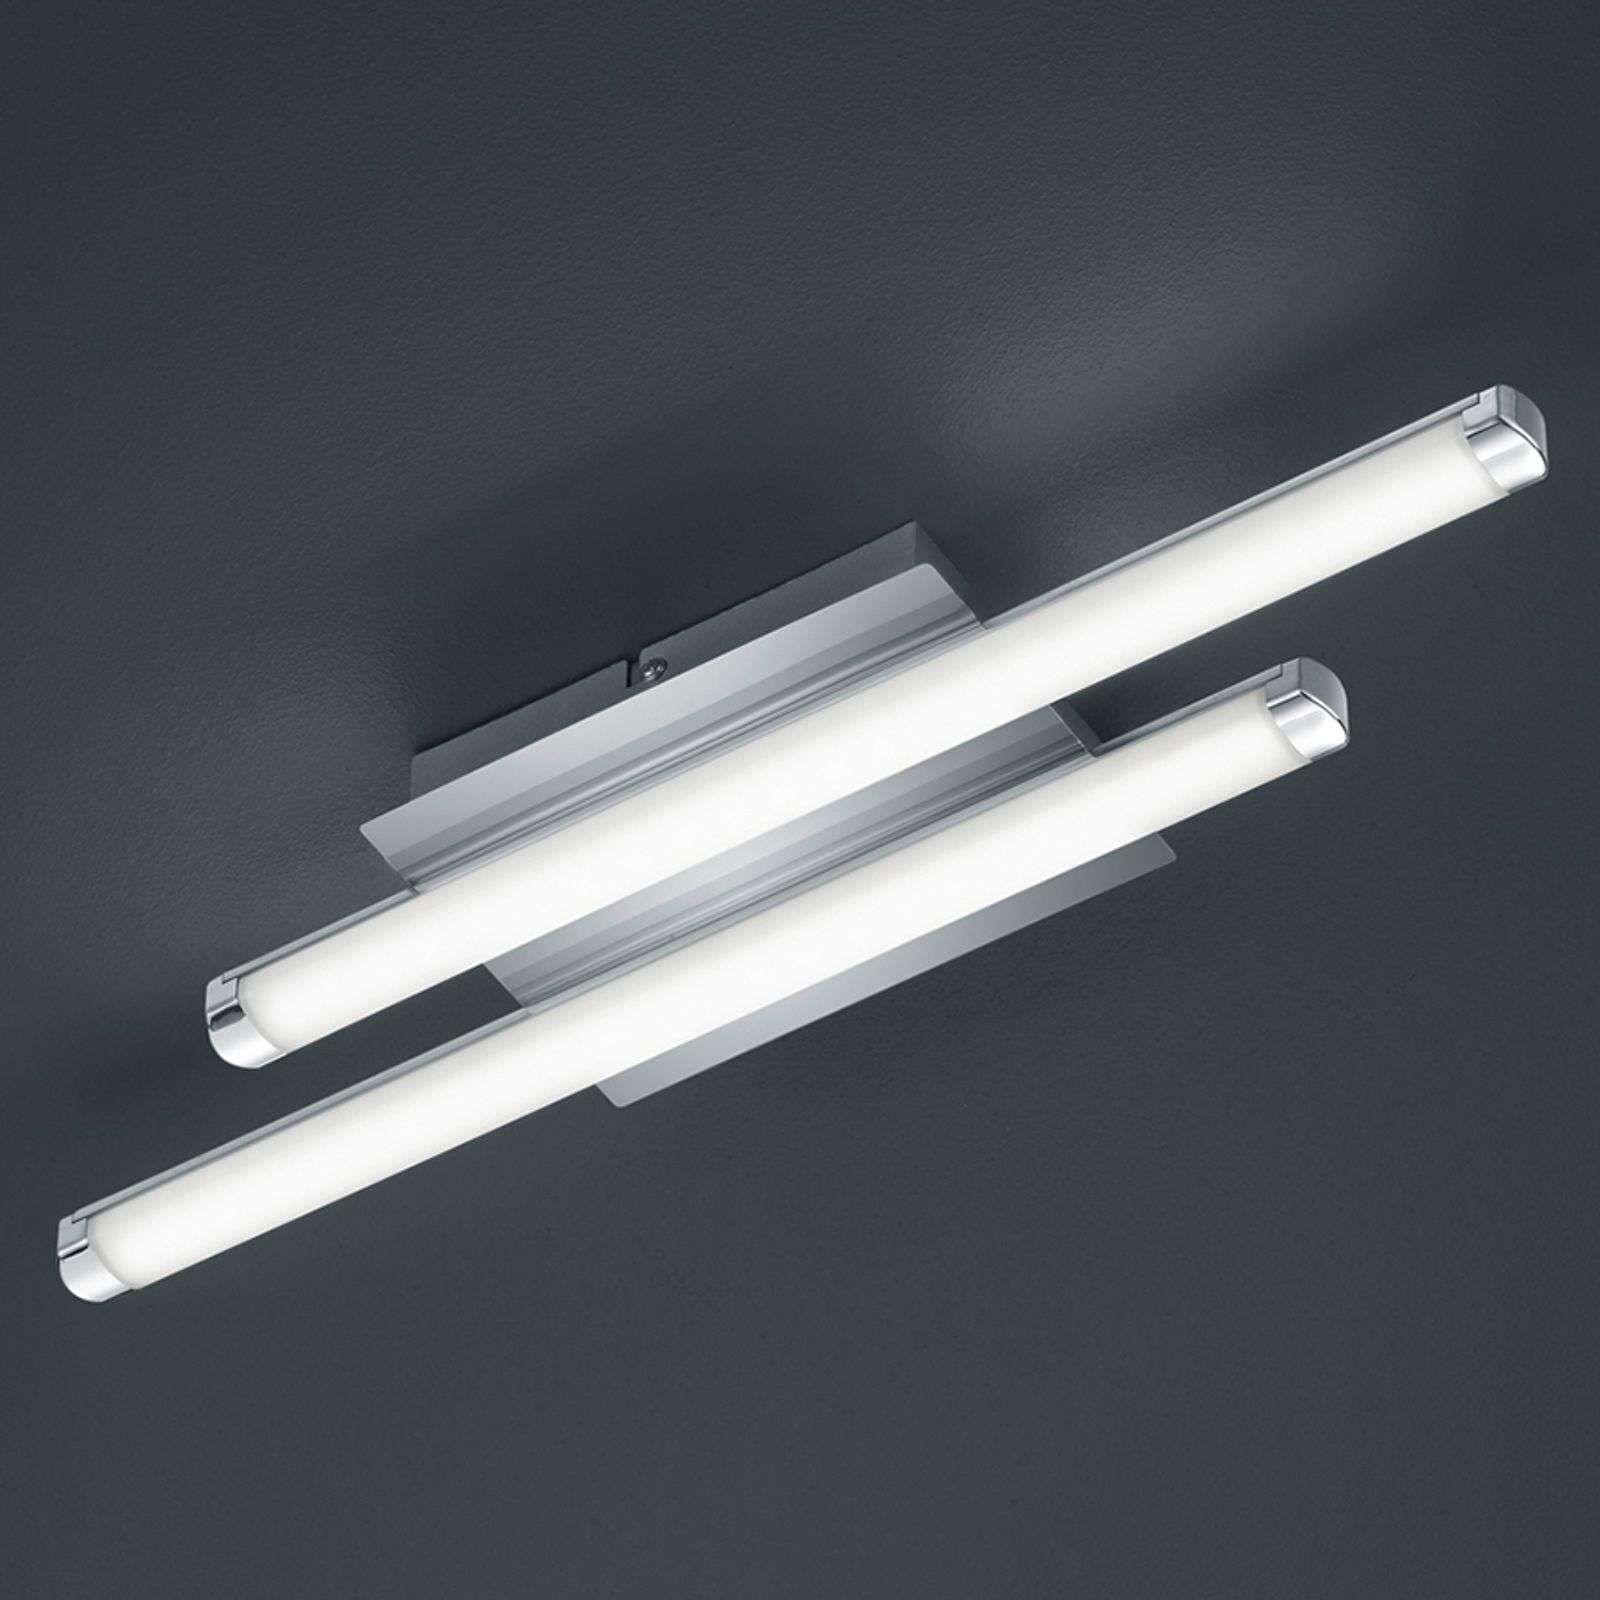 Led Deckenleuchte Street 2 Flg Von Reality Leuchten Led Deckenleuchte Deckenlampe Deckenleuchten